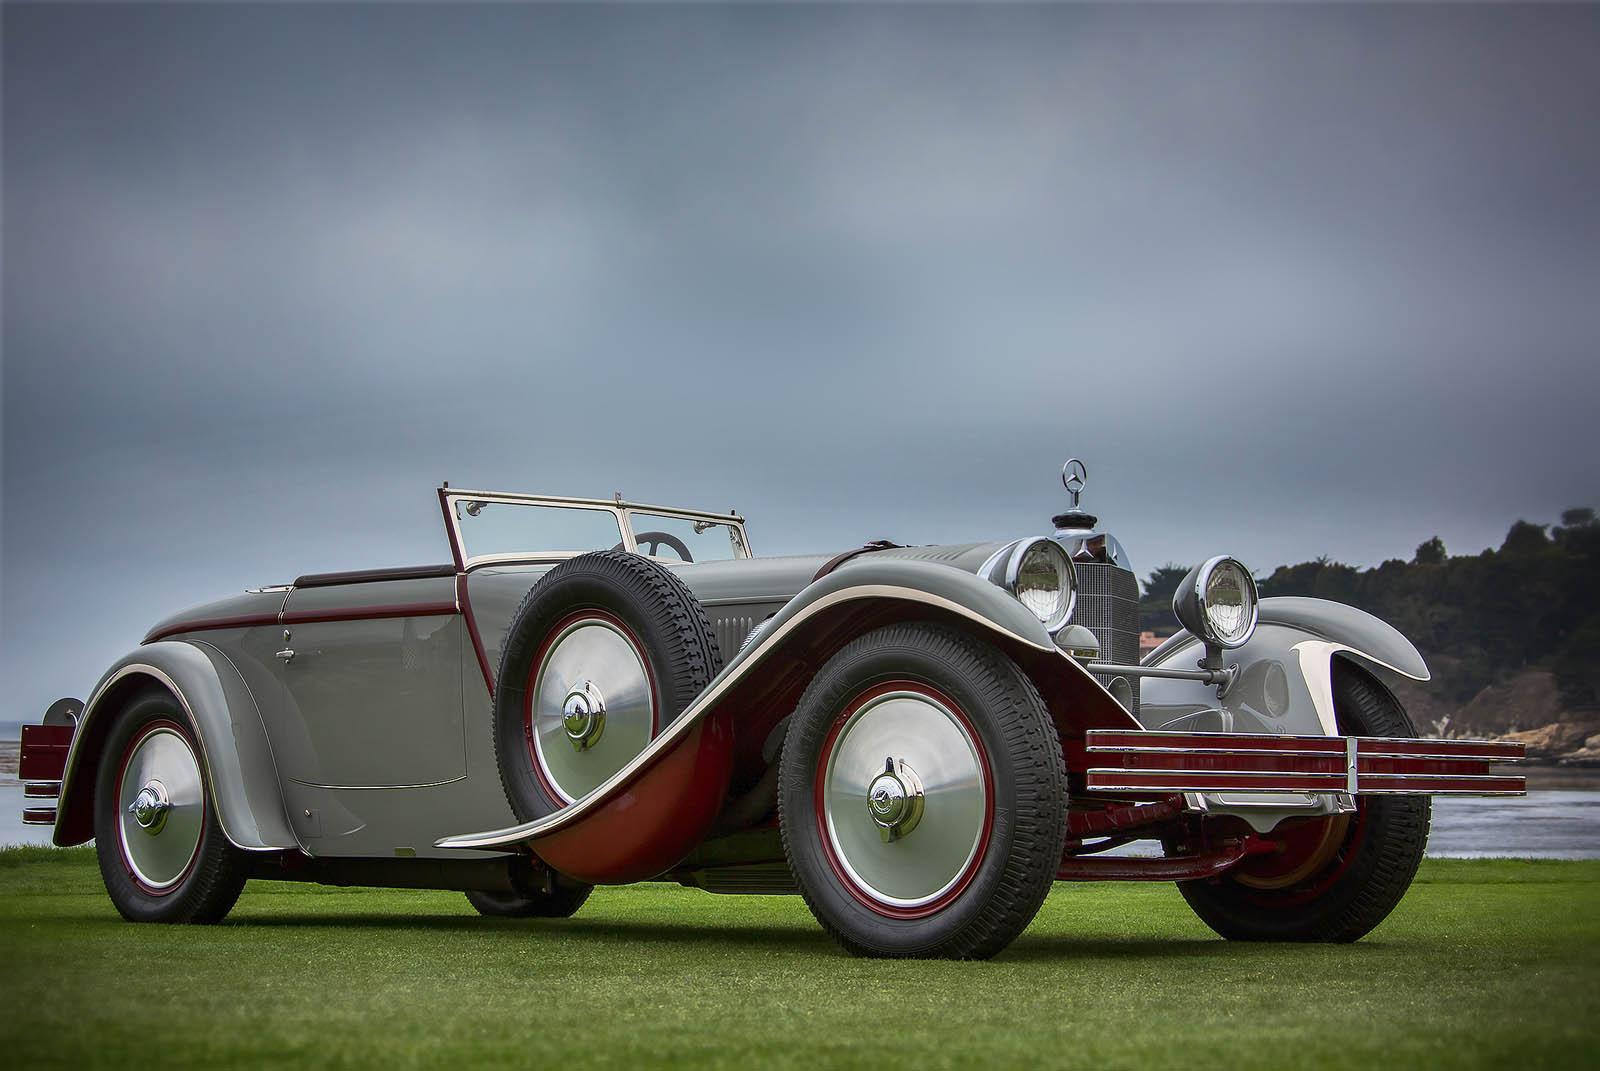 """""""Best of Show"""" beim Pebble Beach Concours d'Elegance 2012: Mercedes-Benz Typ S mit Saoutchik-Karosserie, Baujahr 1928. Mit Verweis auf seinen Hubraum von 6,8 Litern wird das Fahrzeug mitunter auch als Typ 680 S bezeichnet. ;""""Best of Show"""" at the Pebble Beach Concours d'Elegance 2012: Mercedes-Benz Type S with Saoutchik bodywork, built in 1928. Because of its 6.8-litre engine capacity, the car was also known as Type 680 S.;"""